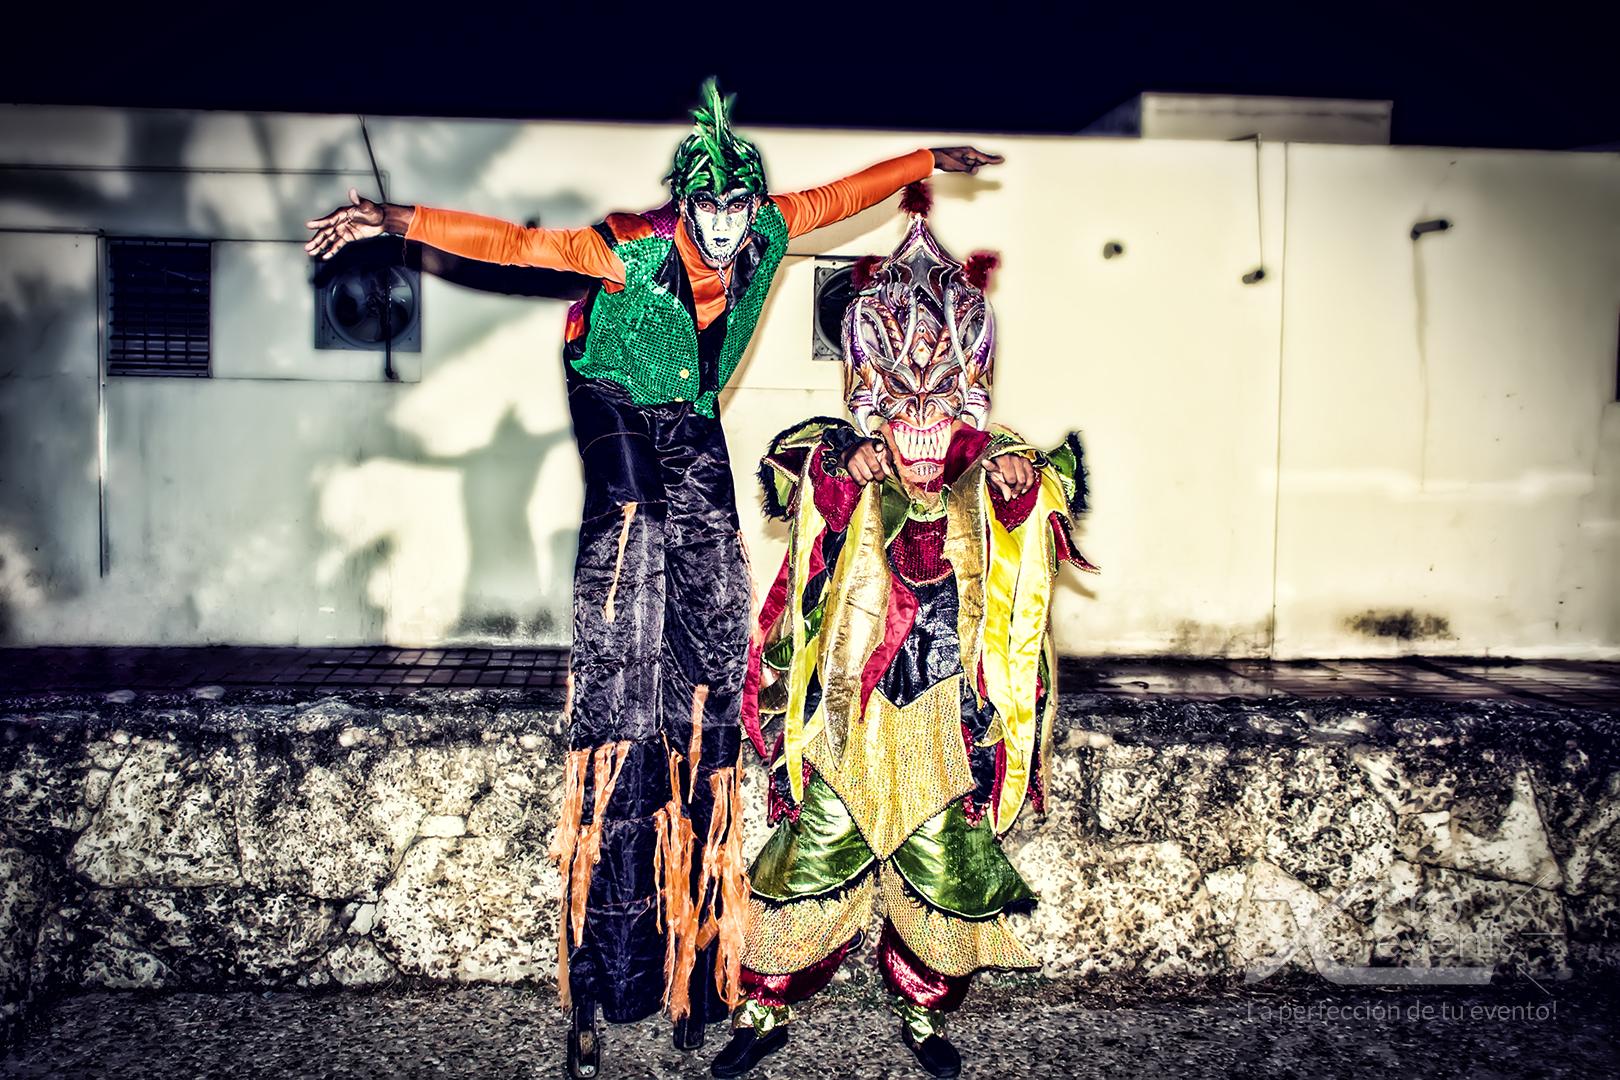 www.Xproevents.com - Zanco & Diablo cojuelo preparados para Hora loca.jpg